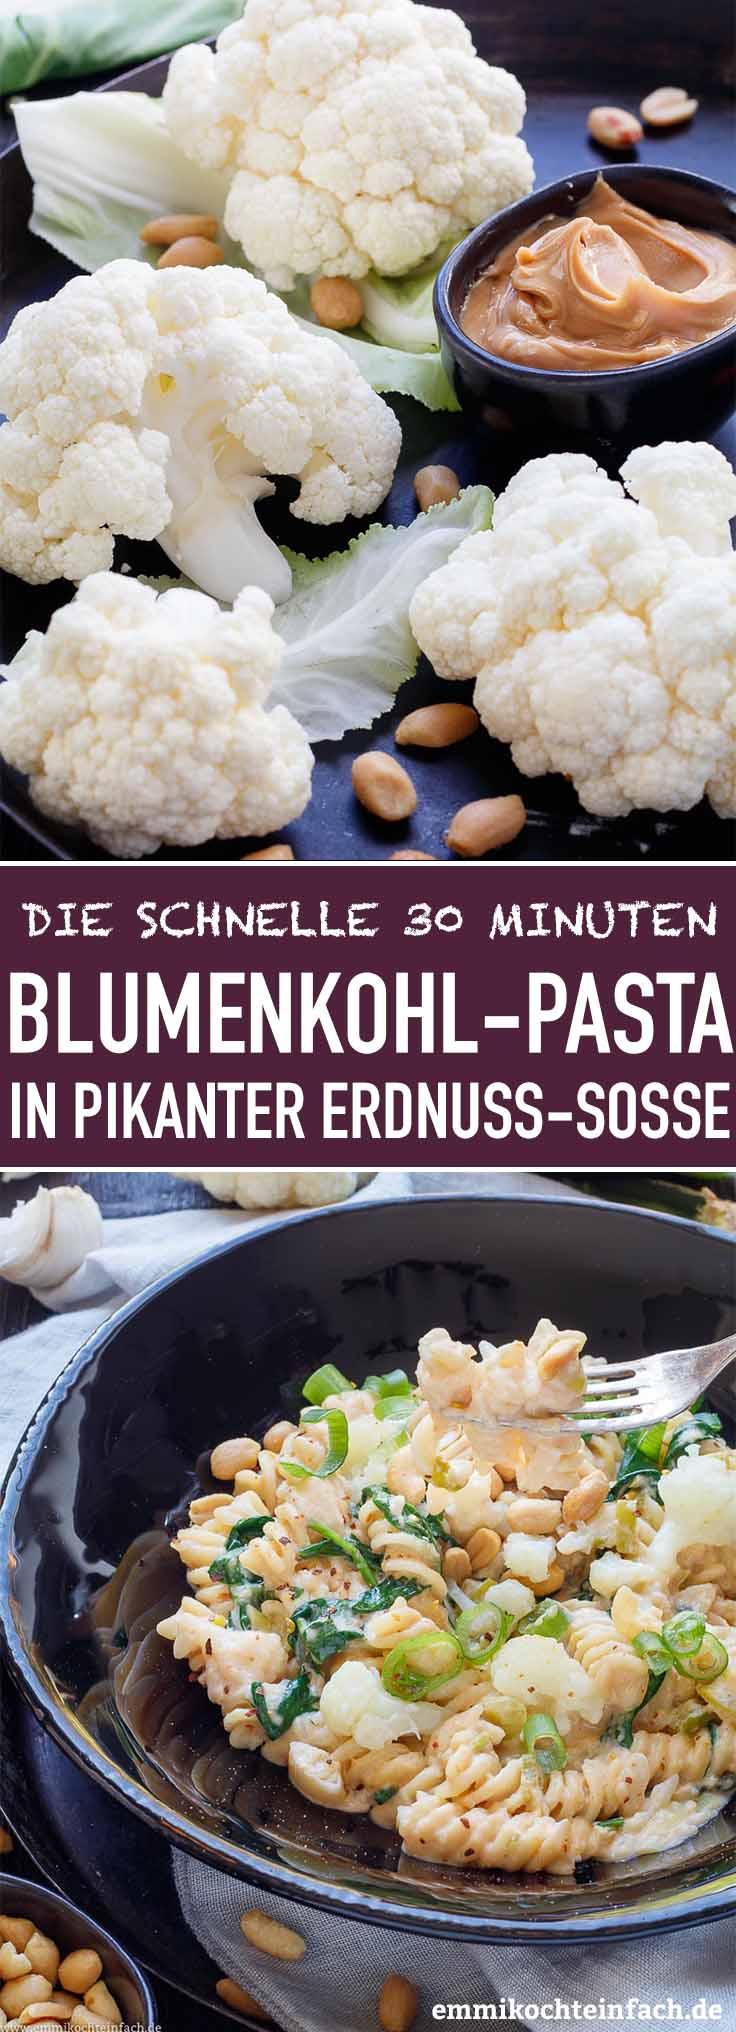 Blumenkohl Pasta in pikanter Erdnussbuttersoße - www.emmikochteinfach.de